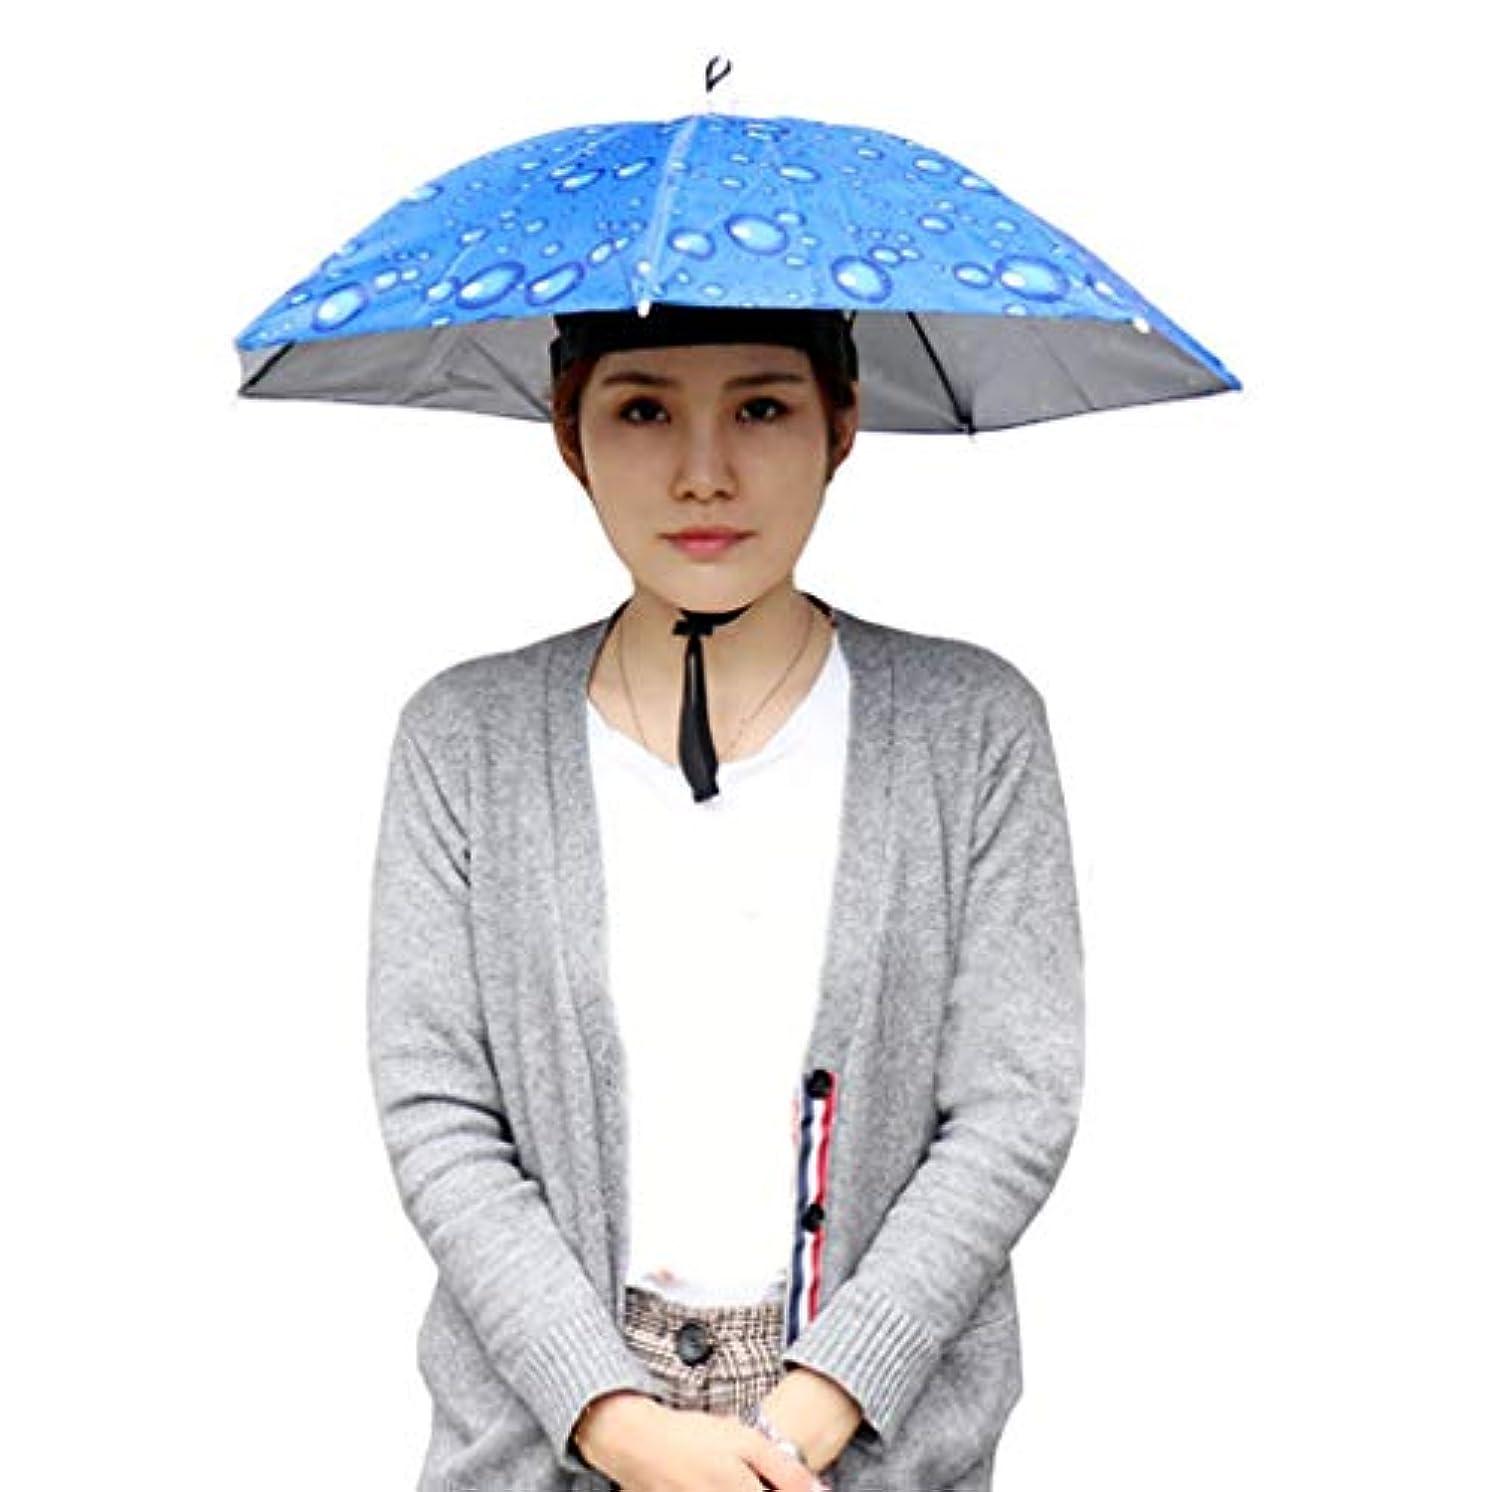 タンパク質動揺させる推定Suika Suika 釣り傘 傘帽子 釣り用 フィッシング ガーデニング 折り畳み式 携帯便利